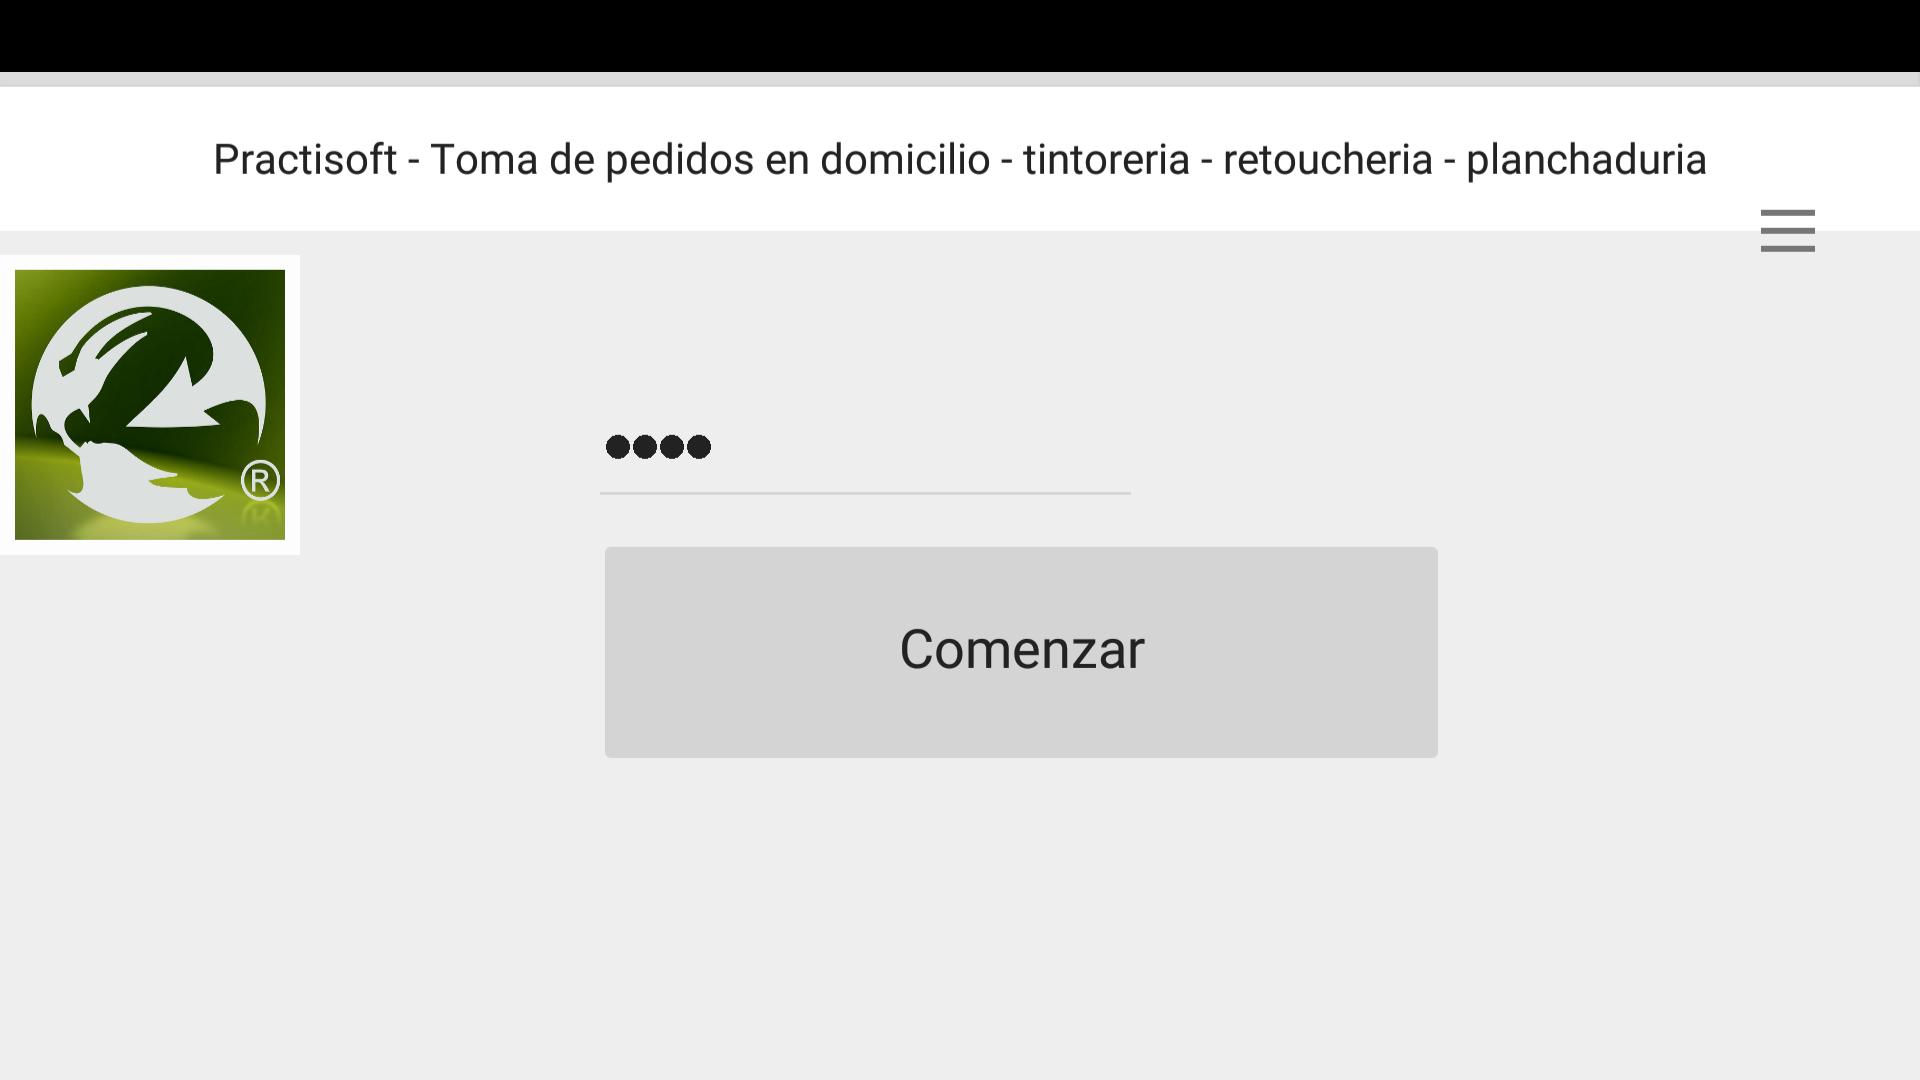 INICIO DOMINIOS TINTORERÍA